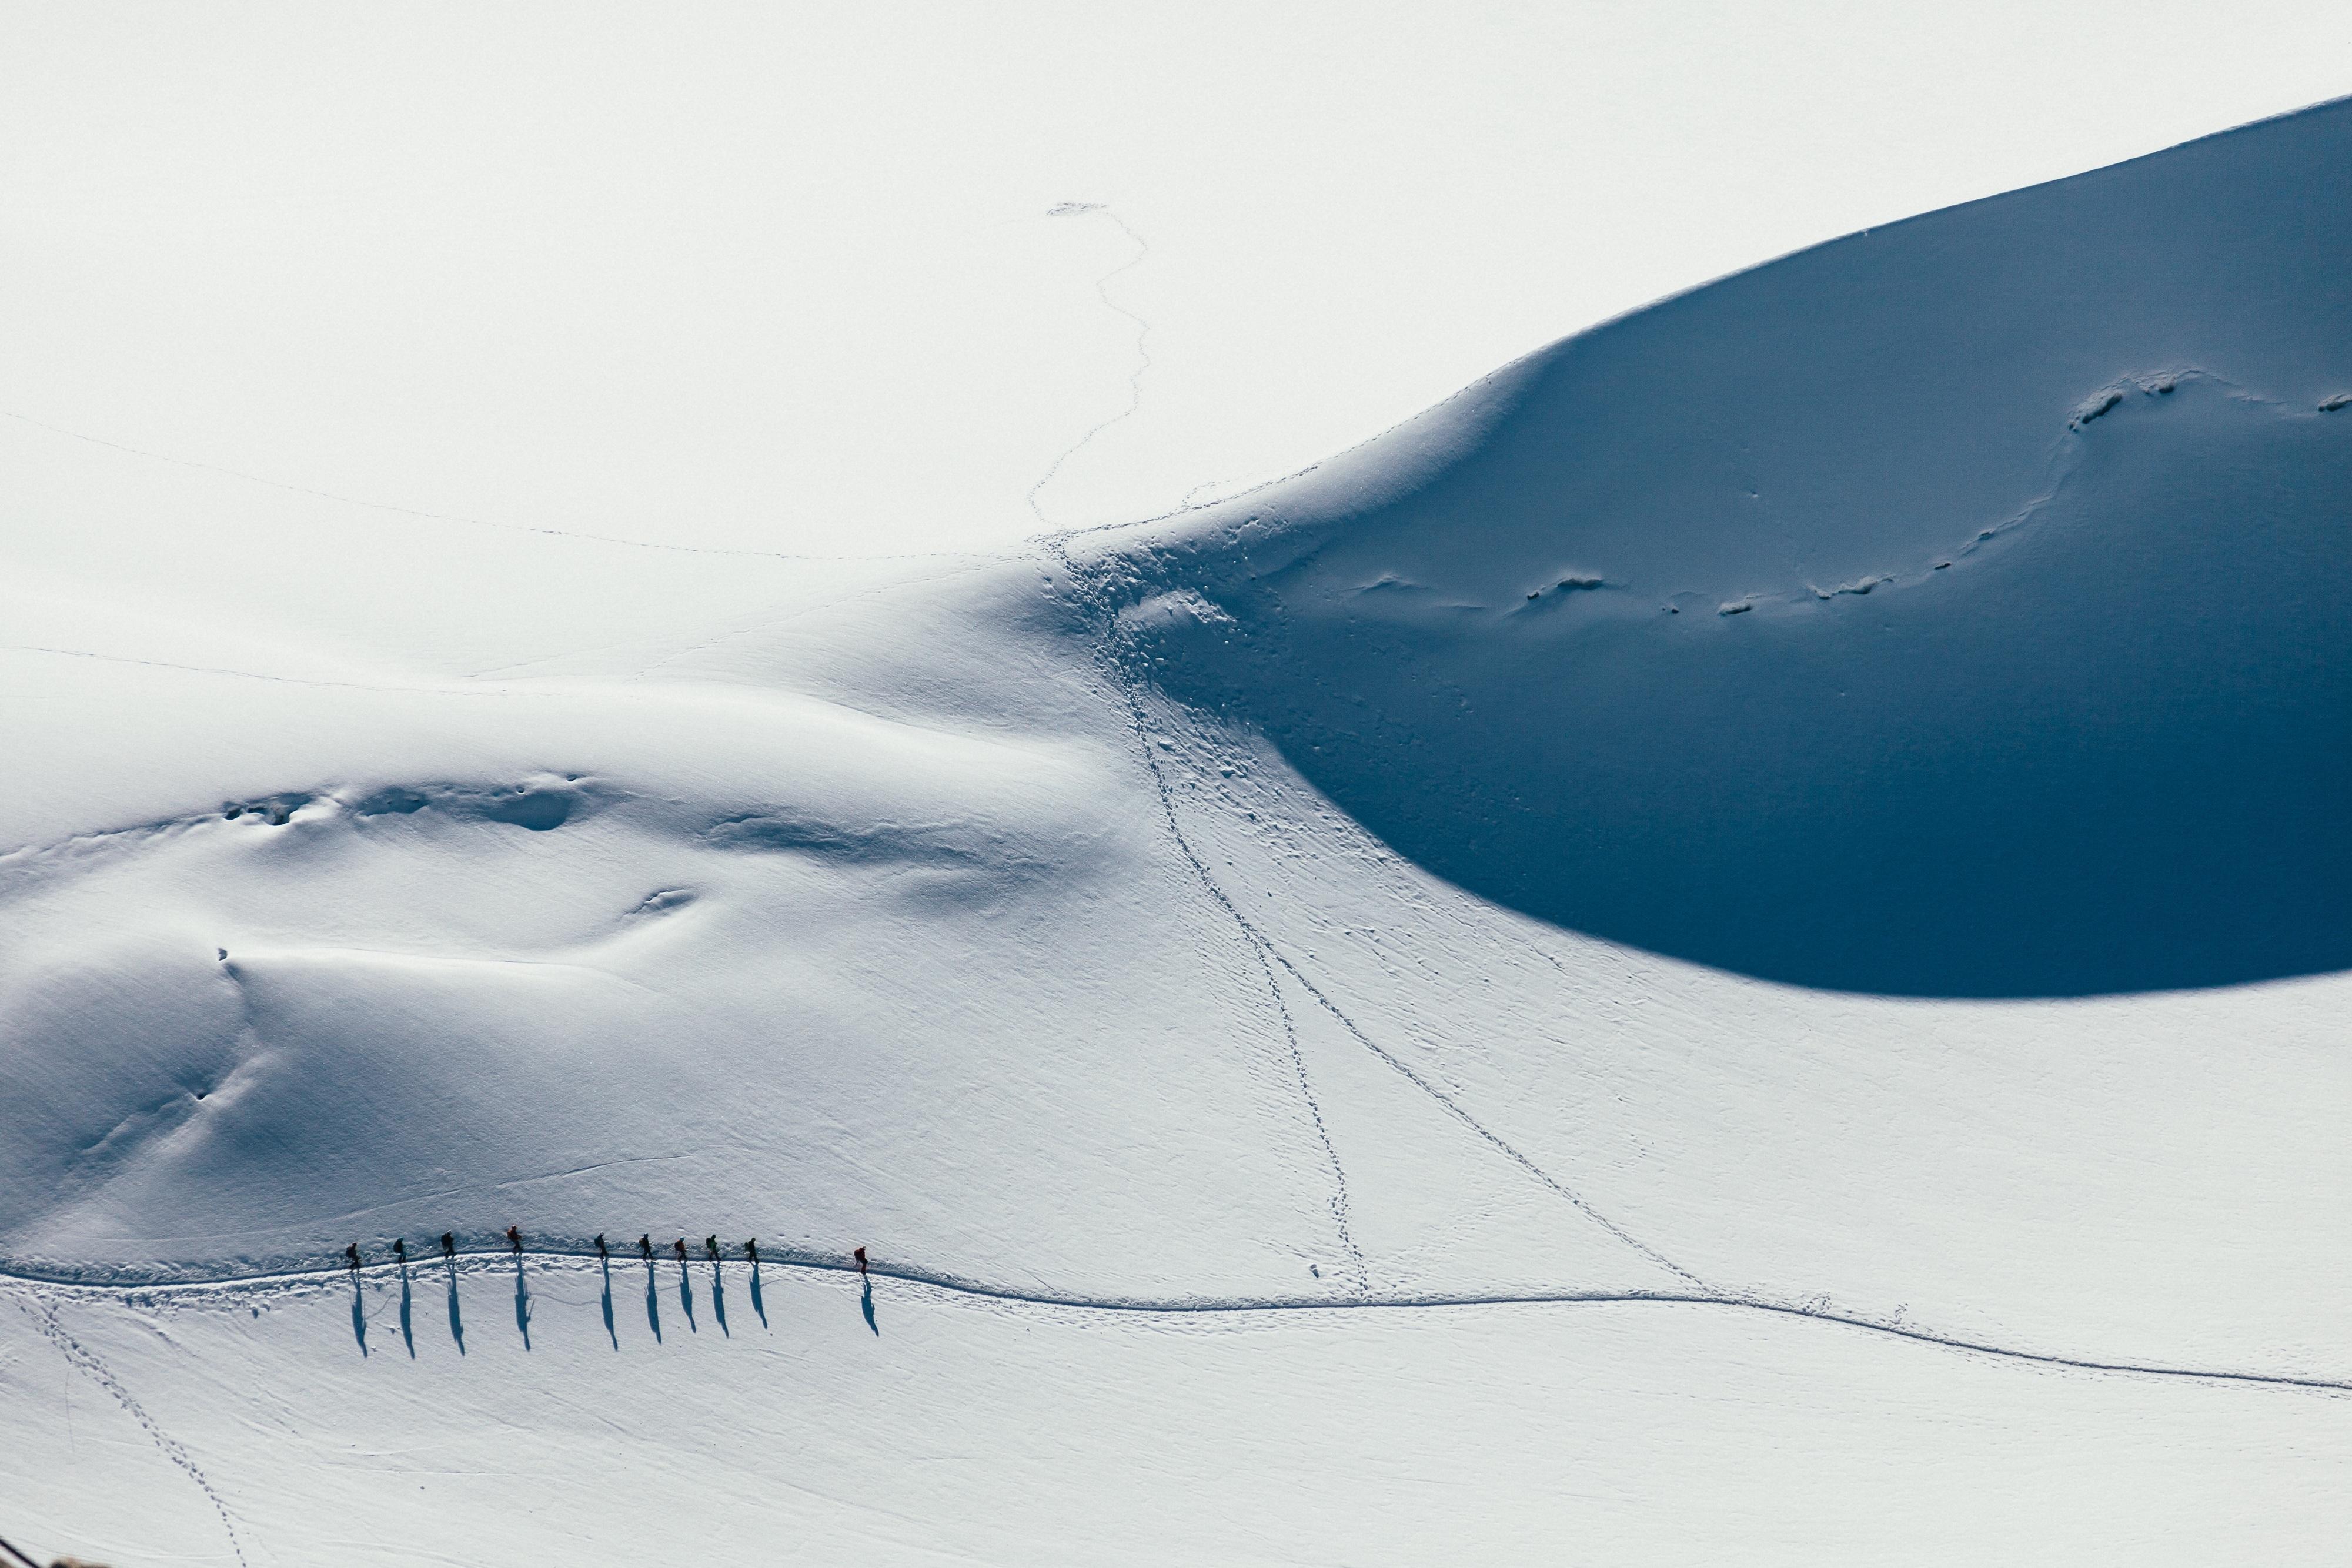 Gambar Pemandangan Alam Outdoor Gurun Gunung Salju